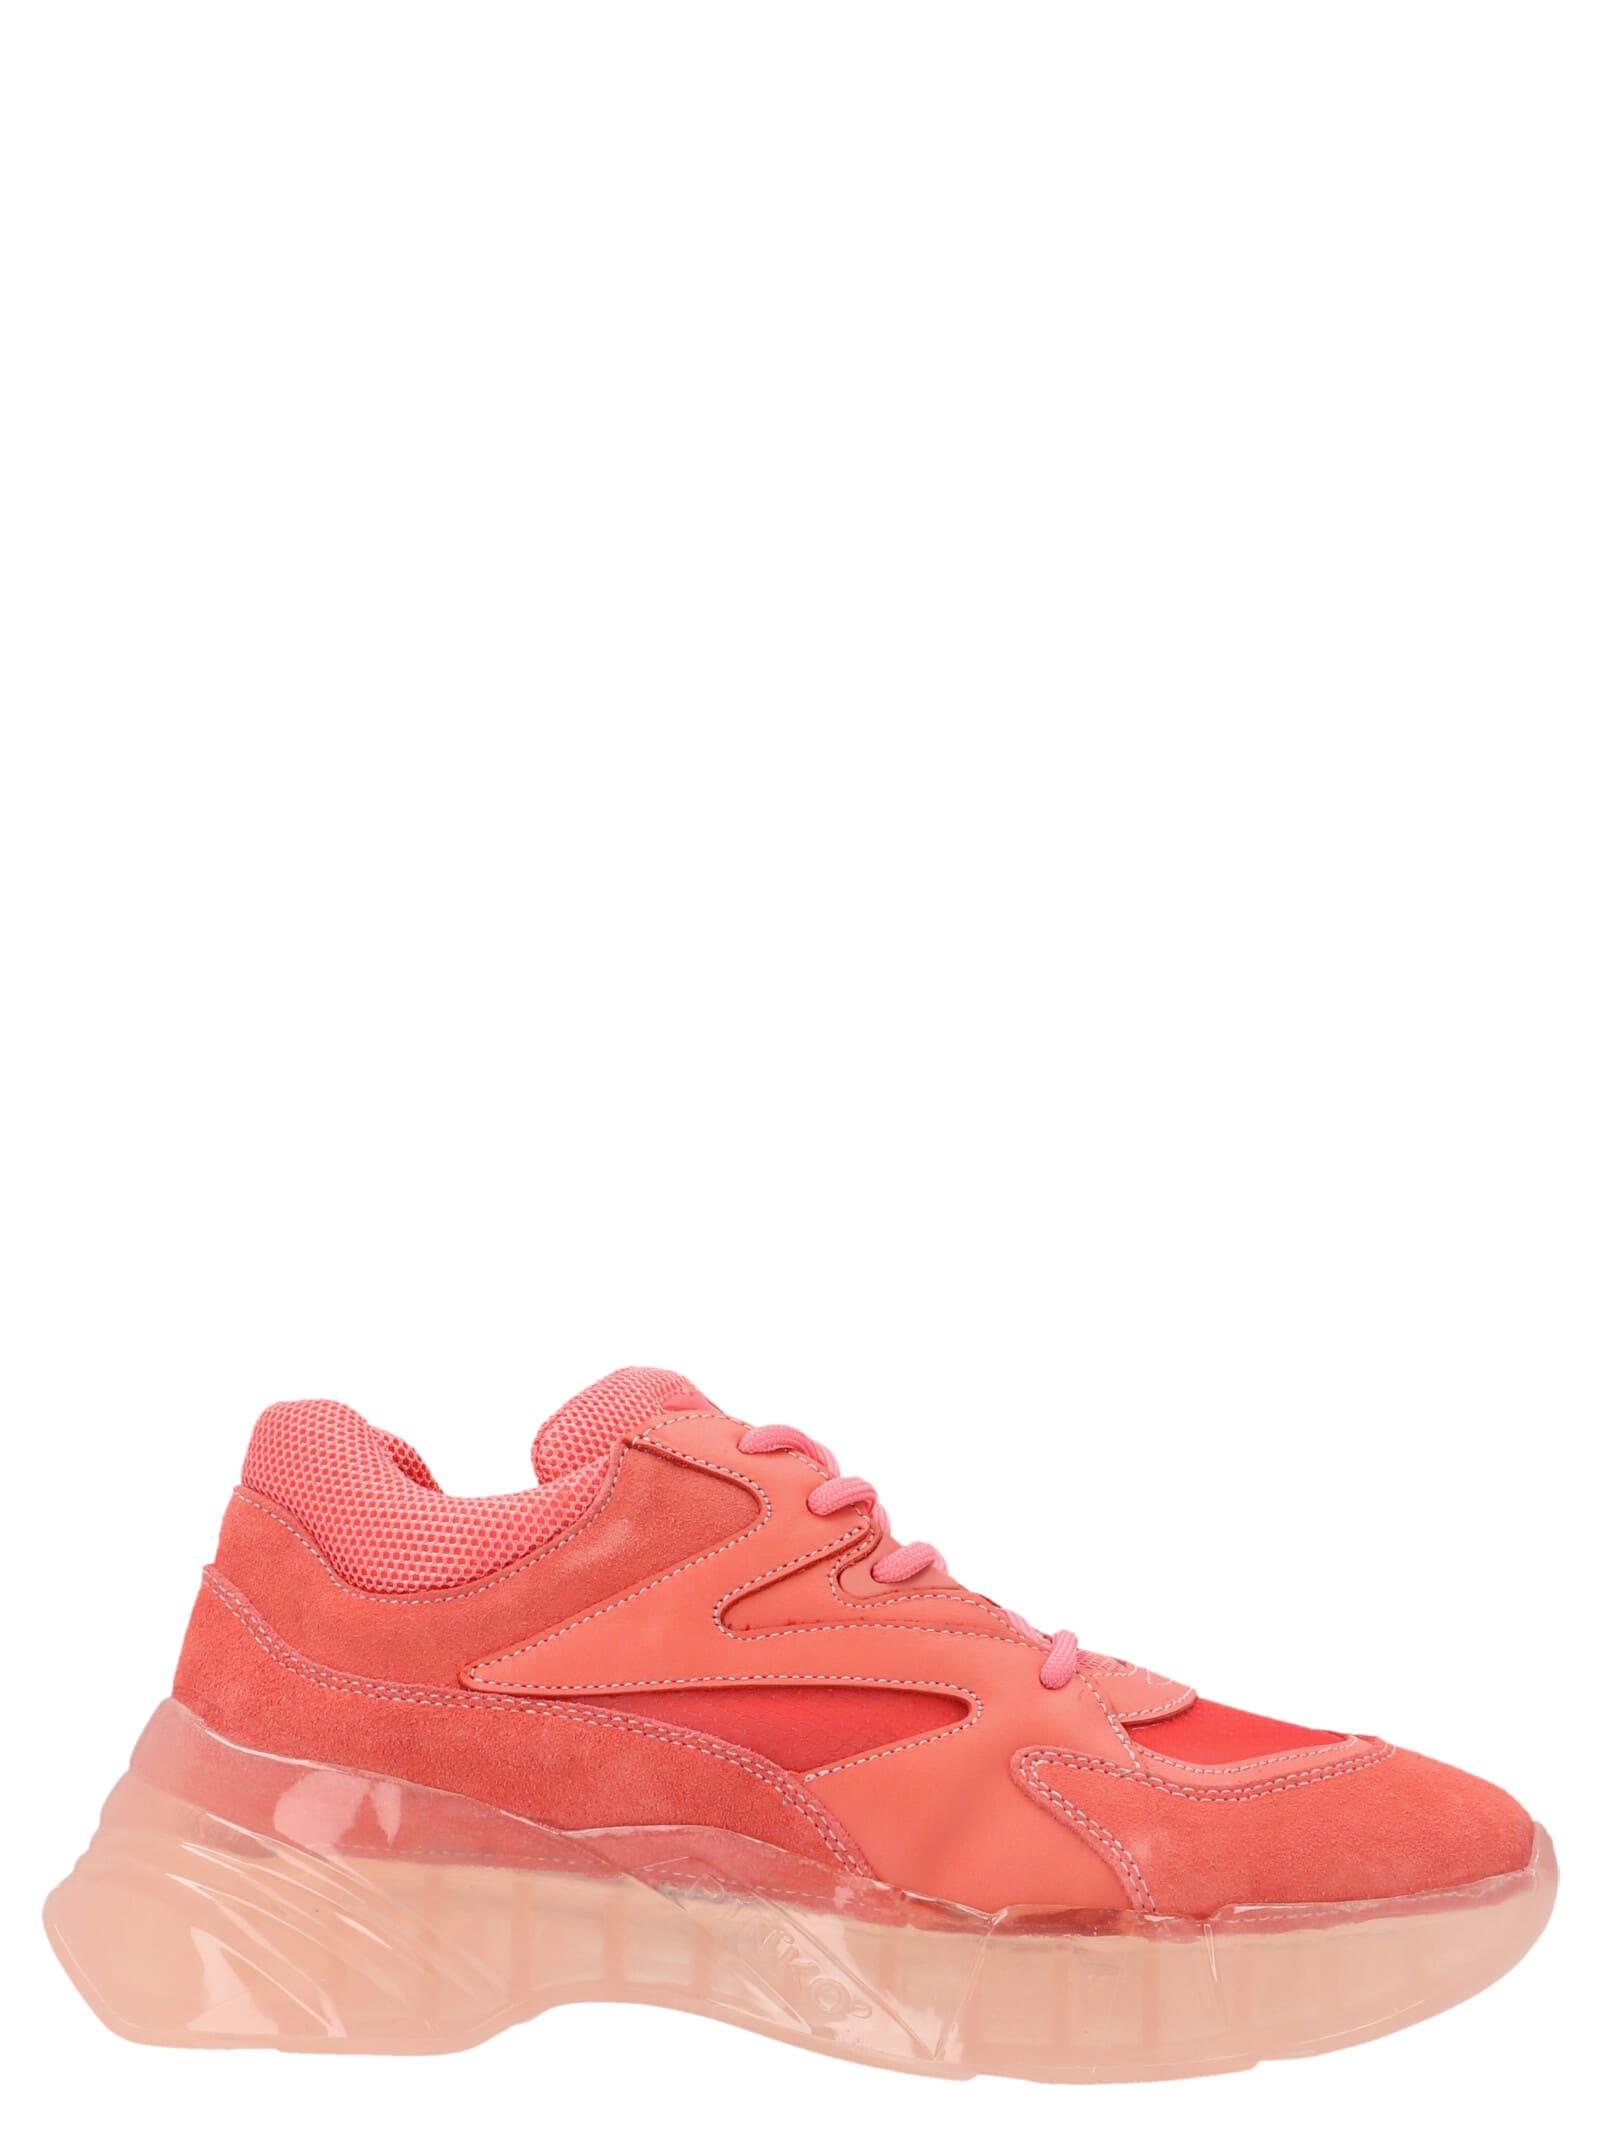 Pinko RUBINO 6 SHOES